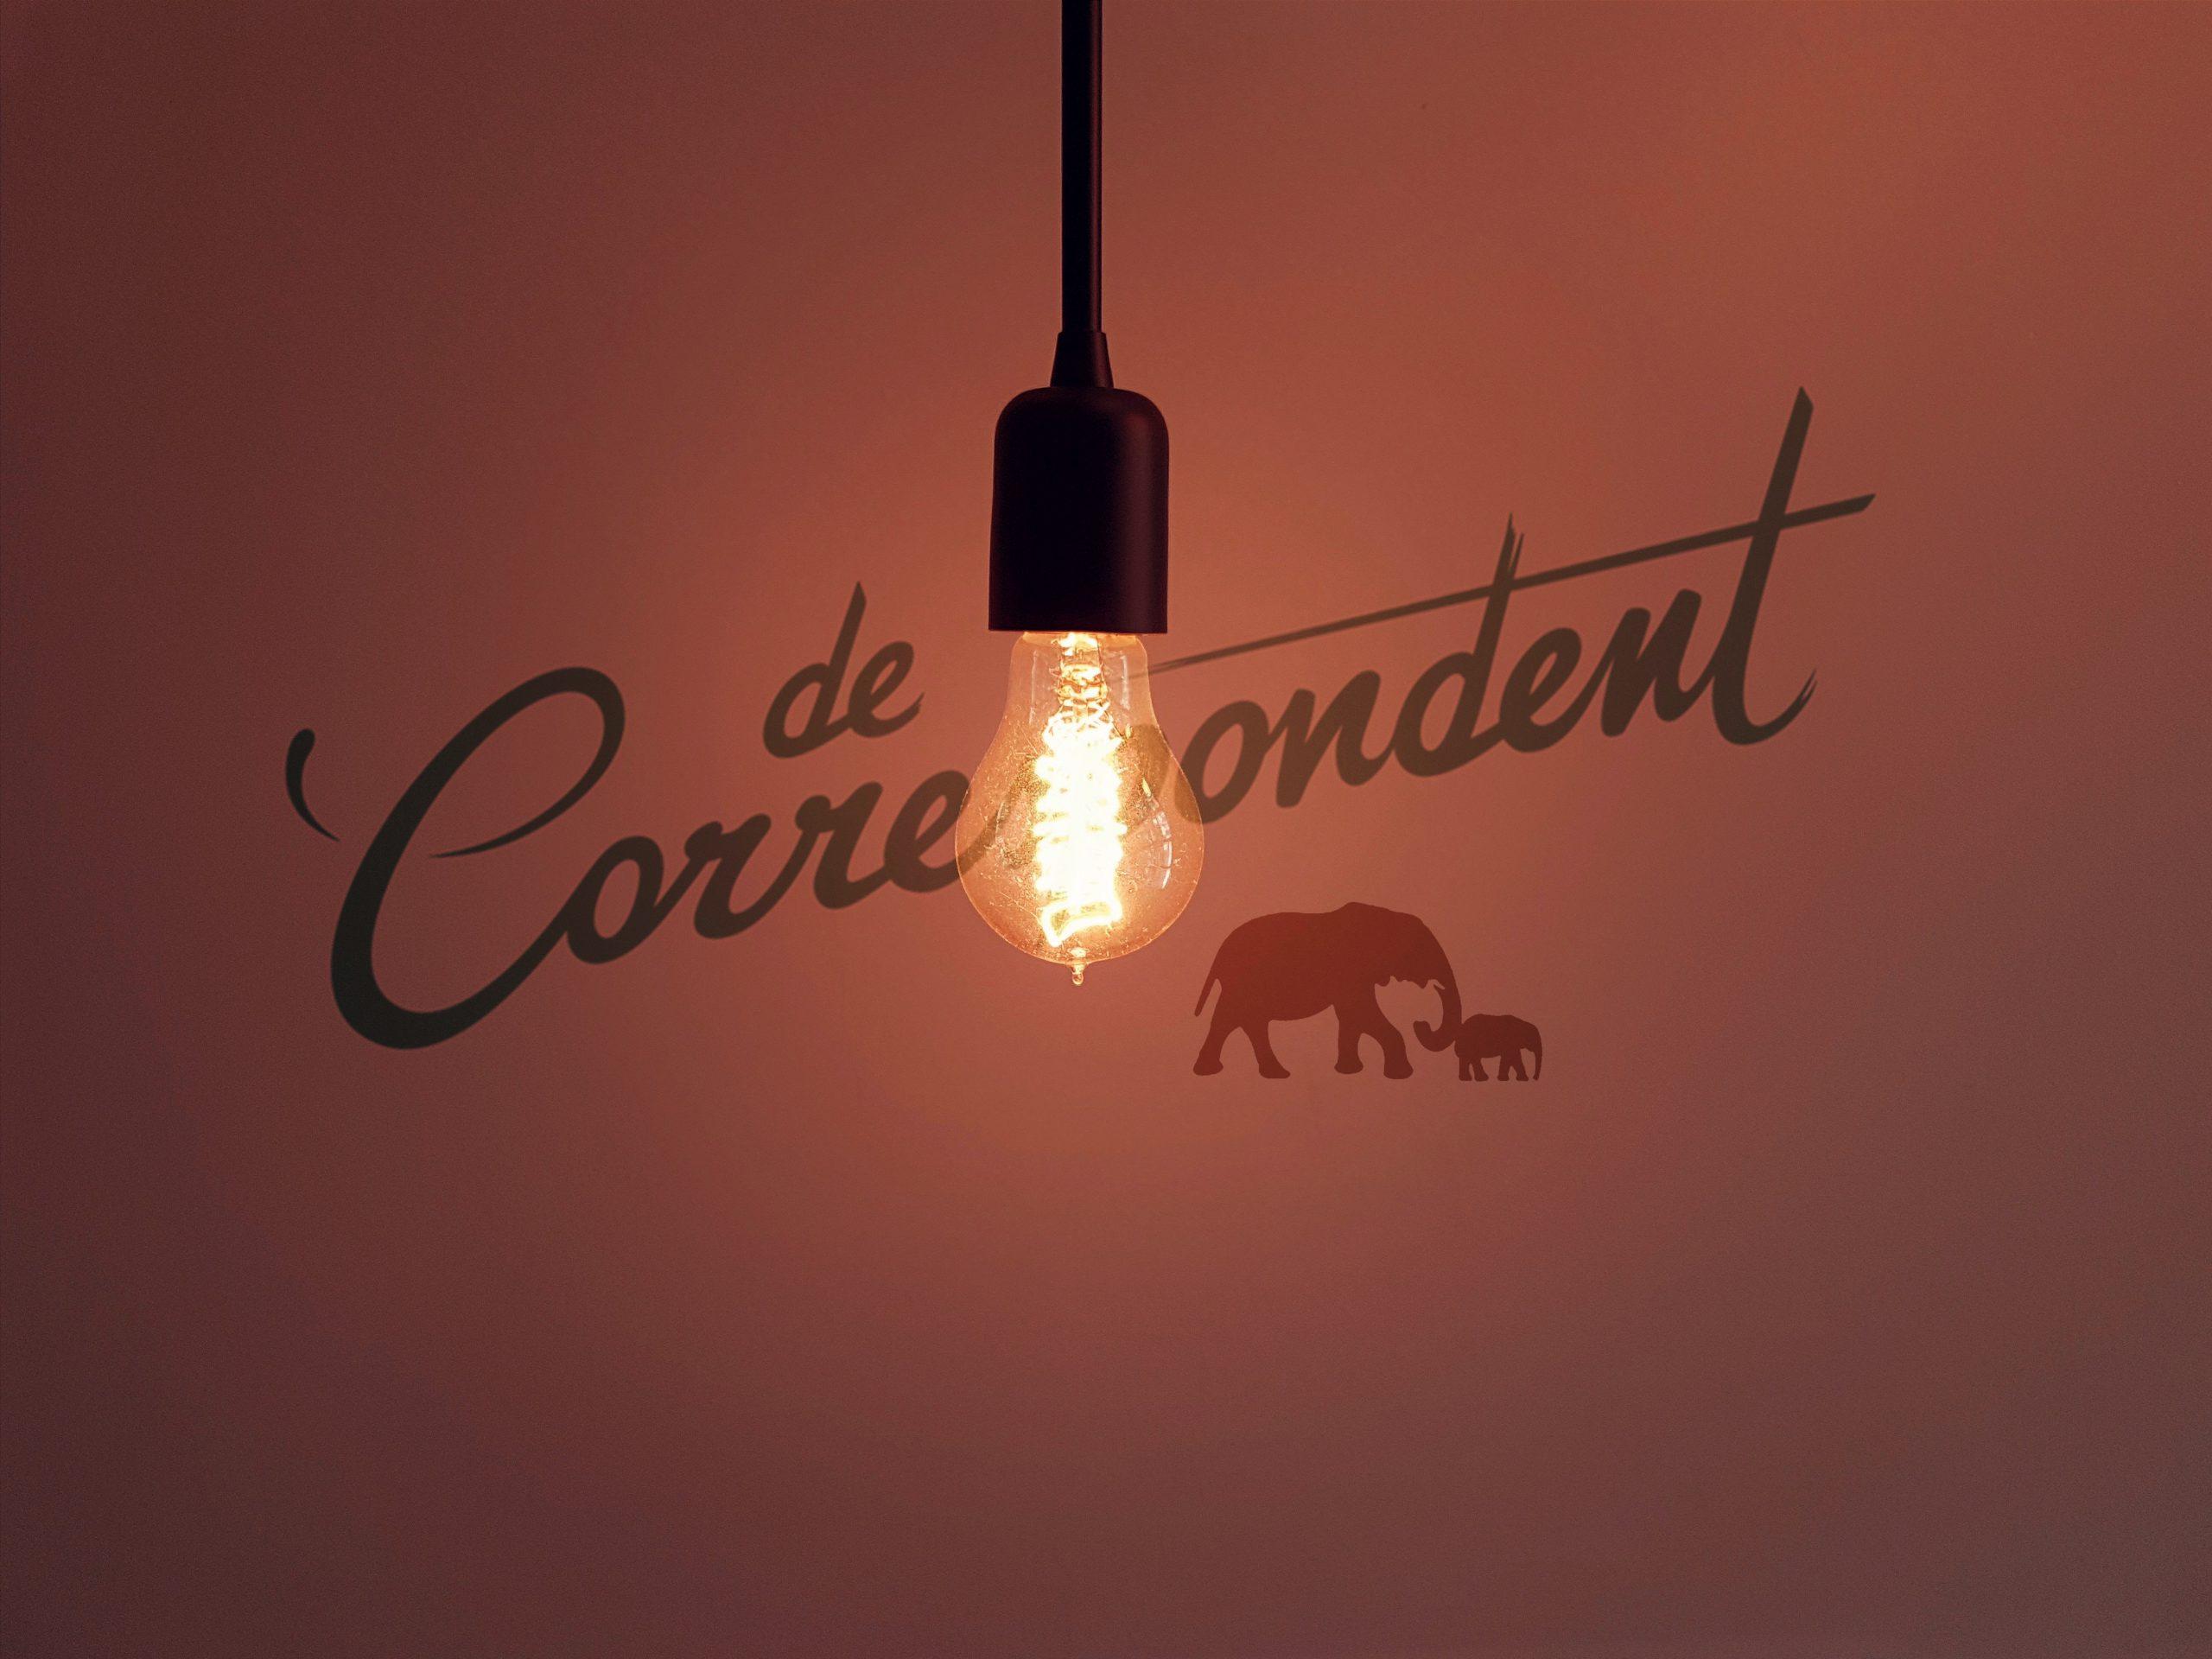 De misvattingen over nudging: reactie op Correspondent-column